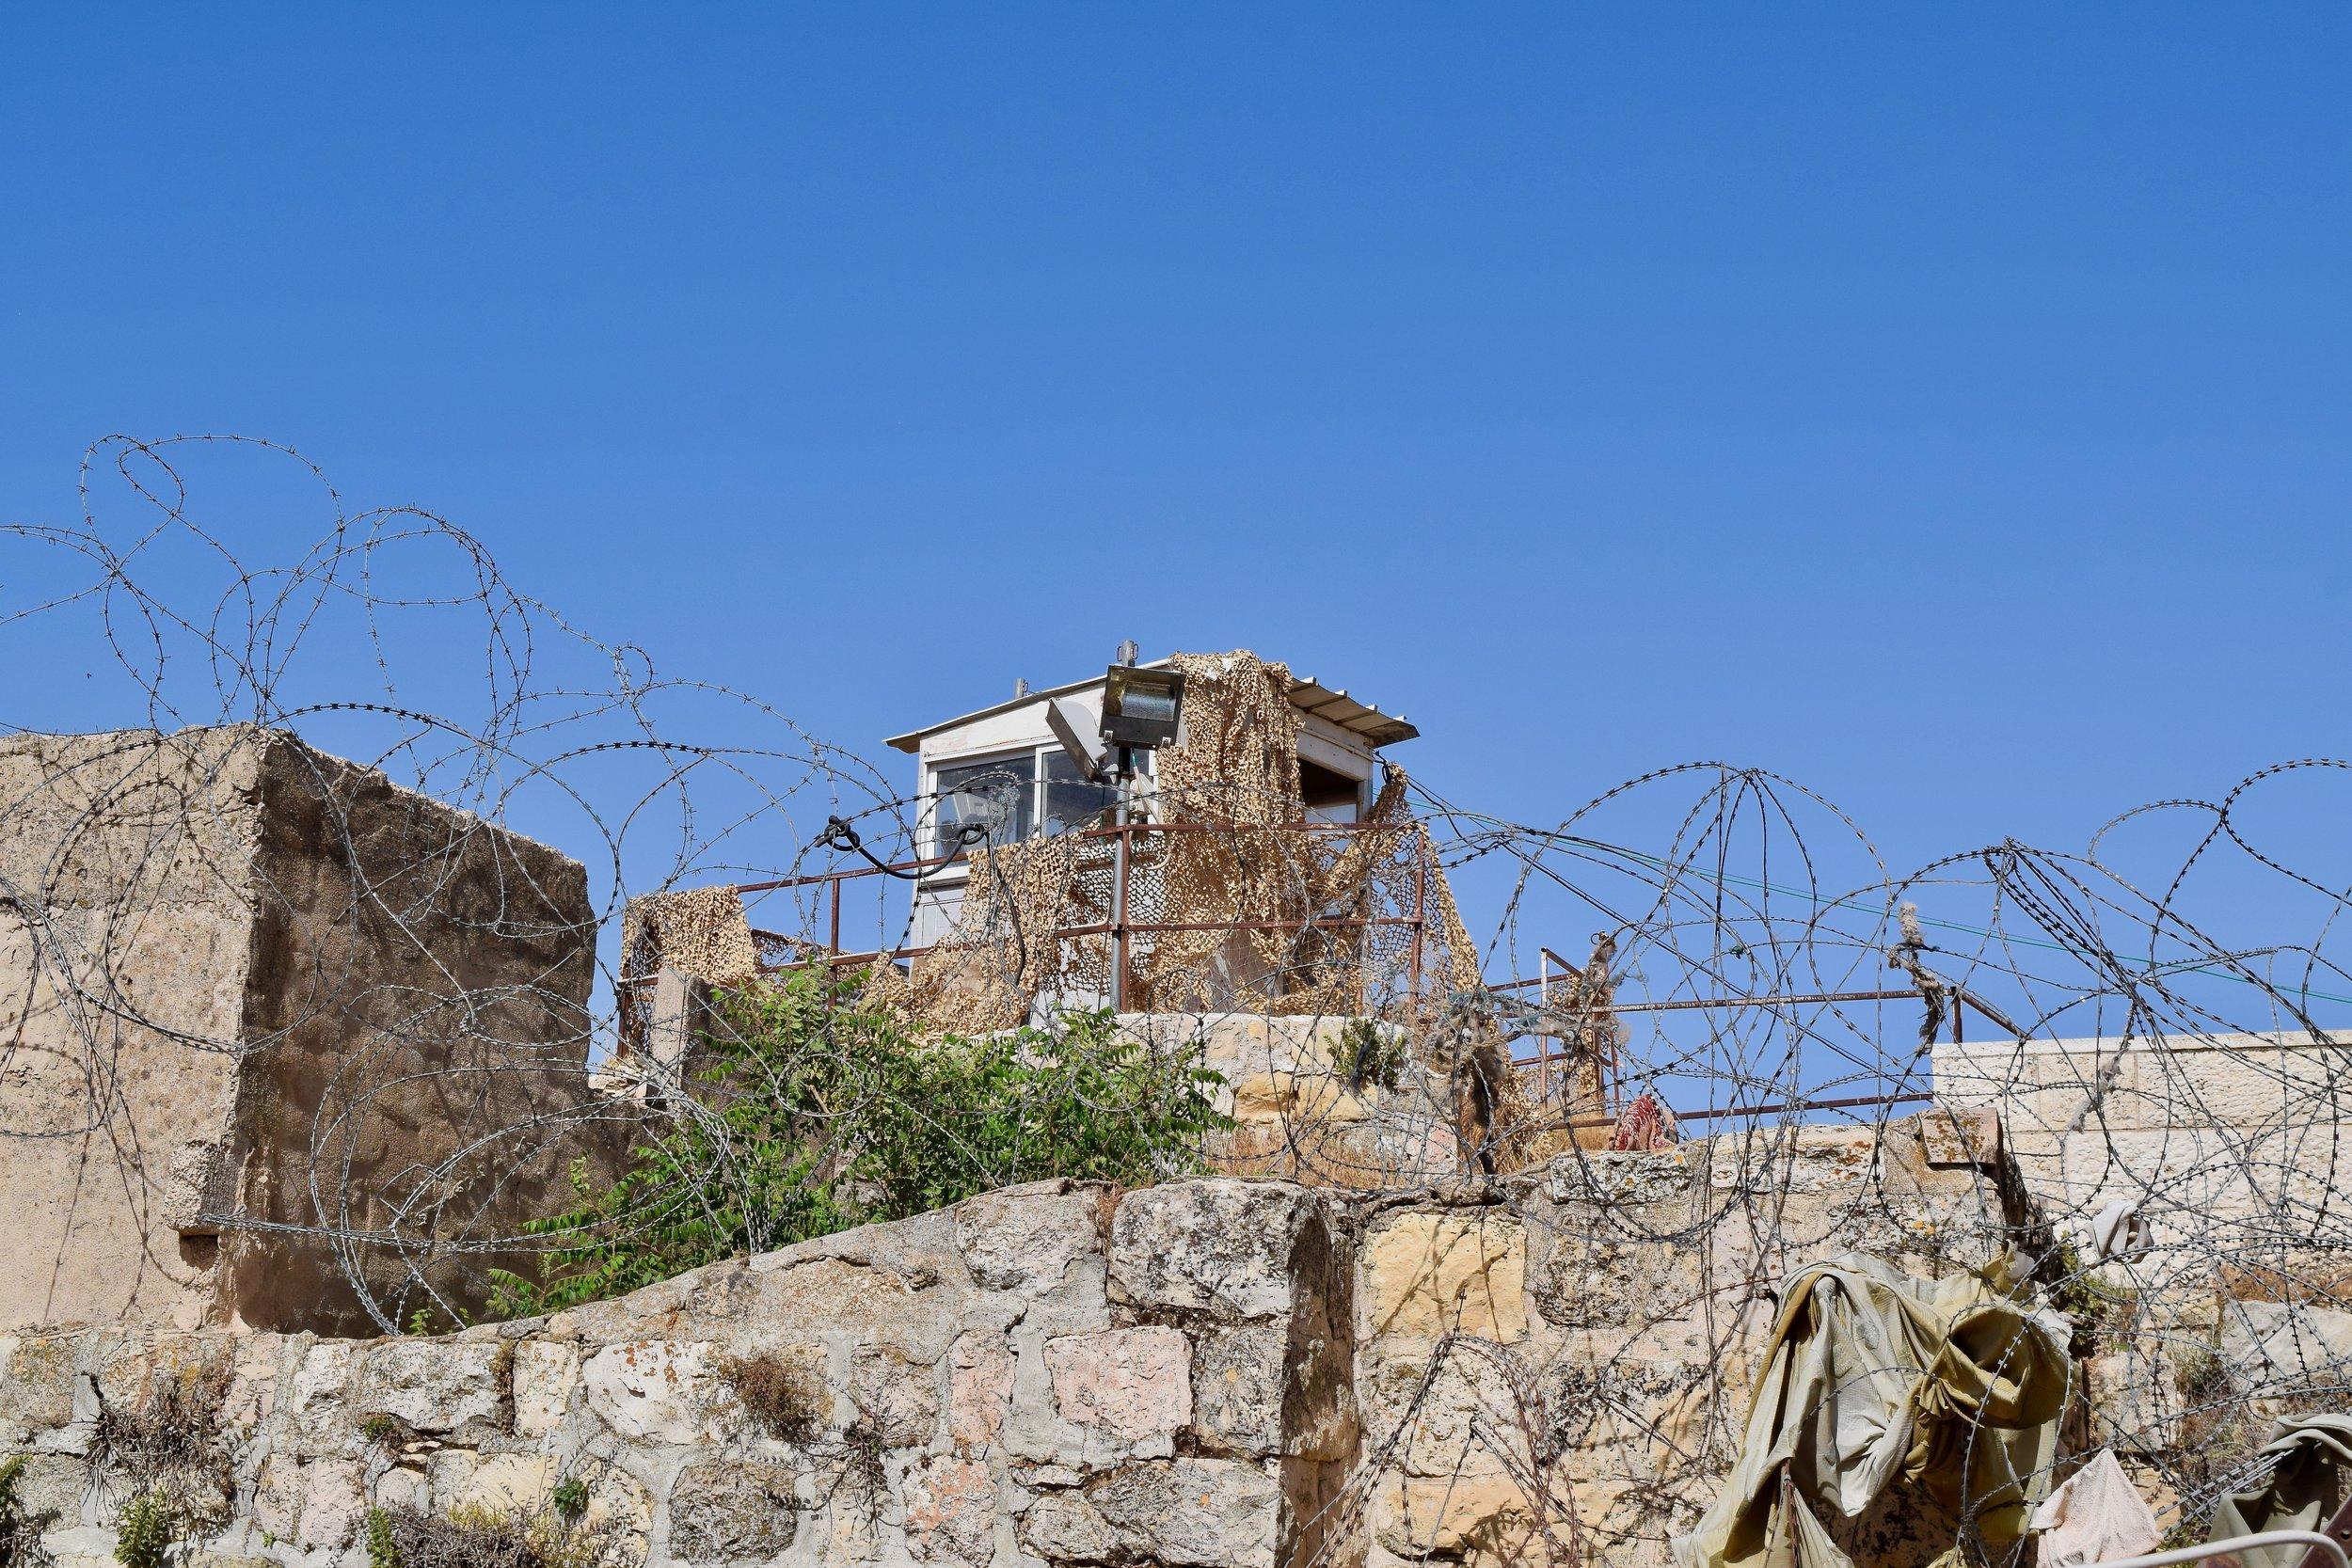 Israeli watchtower, Hebron